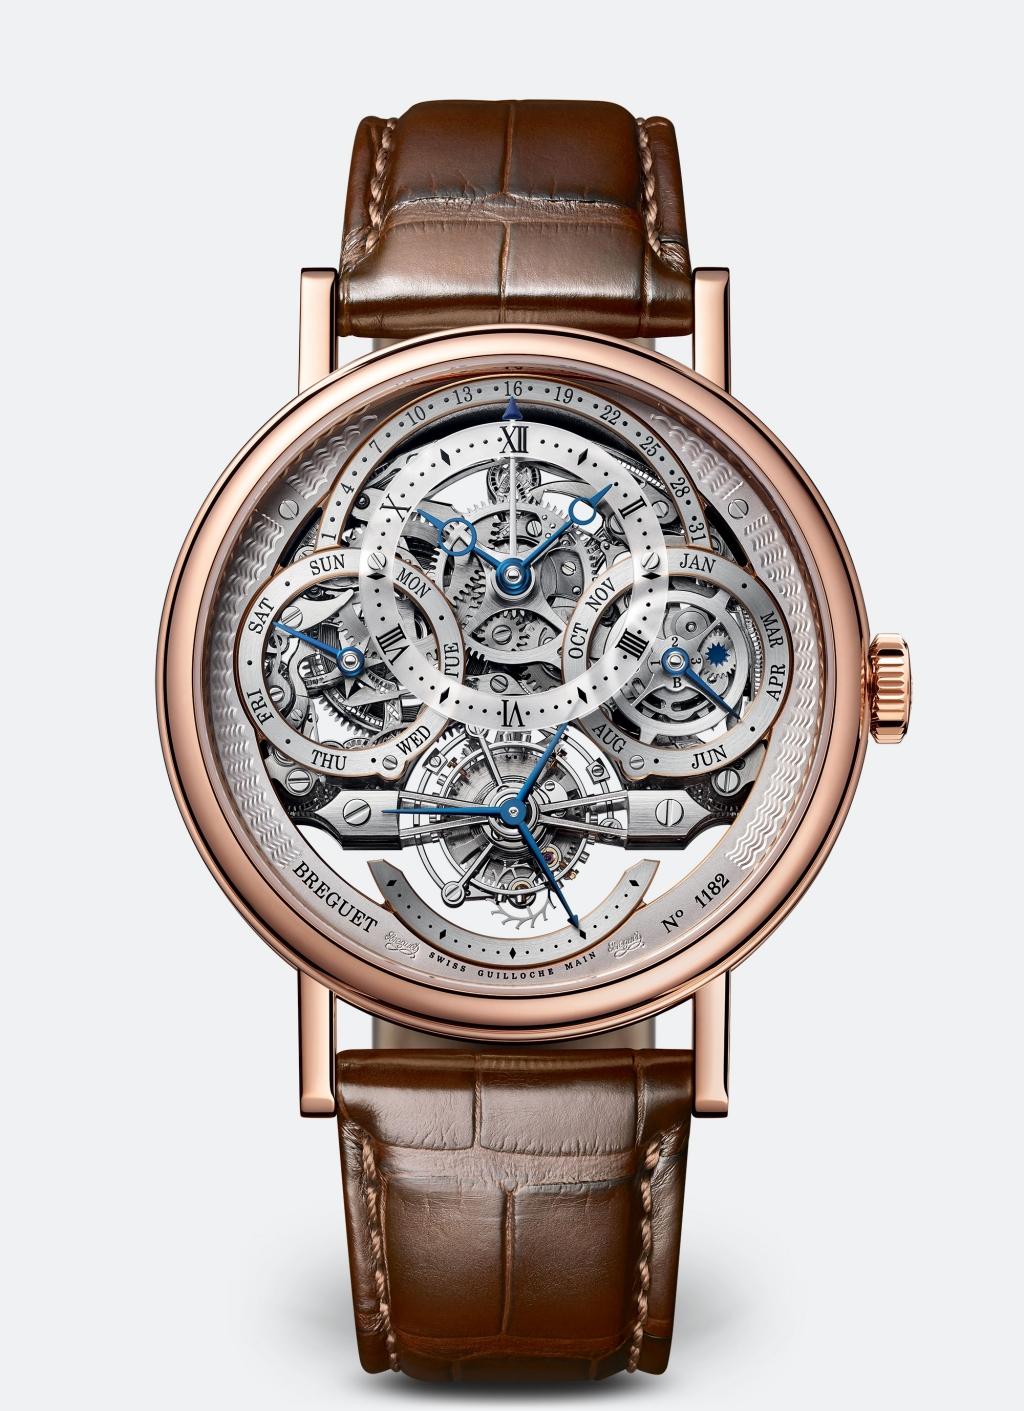 Classique Tourbillon Quantième Perpétuel 3795 經典系列萬年曆鏤空陀飛輪腕錶,價值nt$ 7,761,000